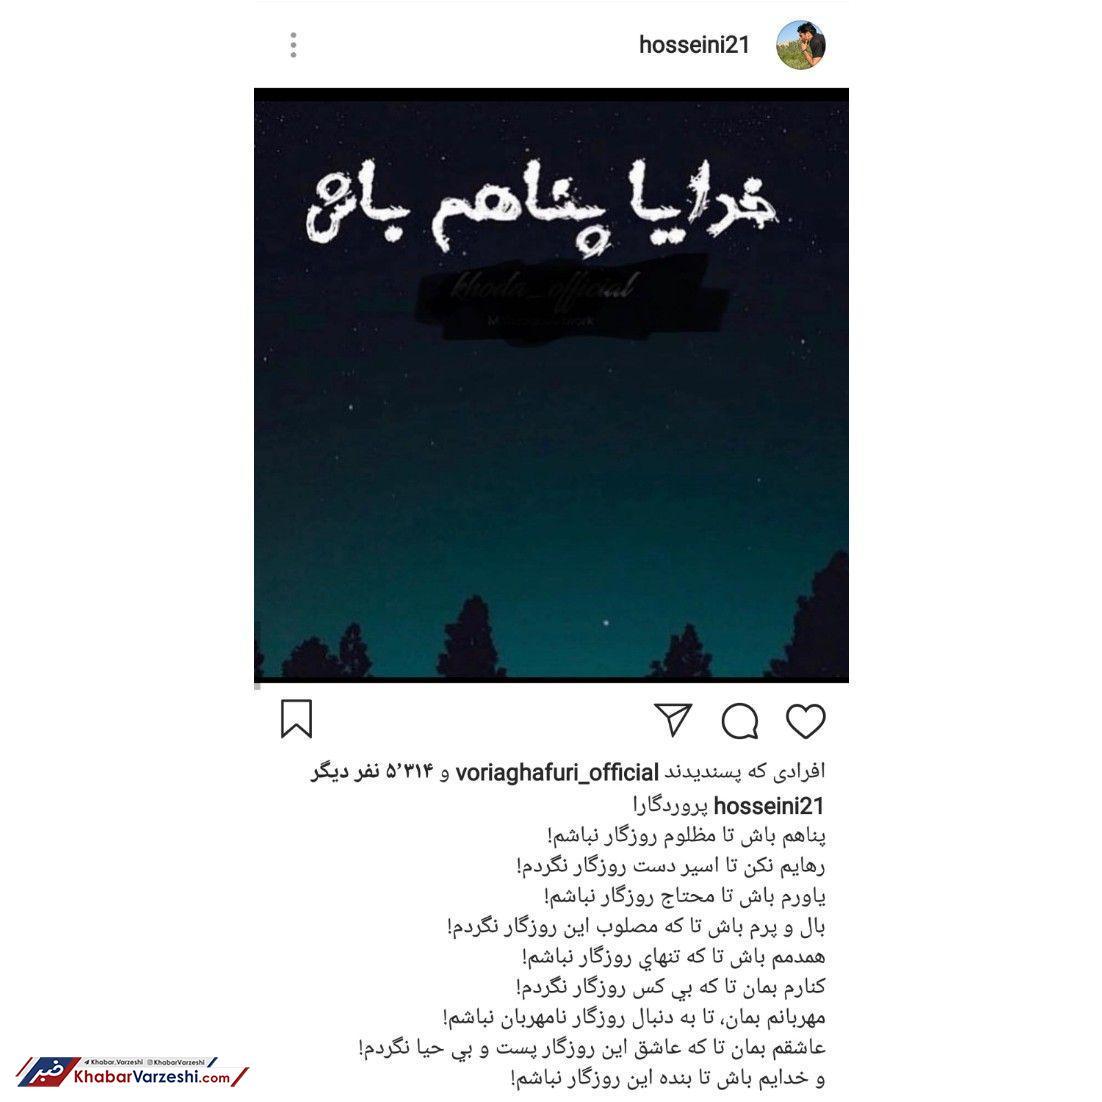 عکس| پست معنادار سیدحسین حسینی